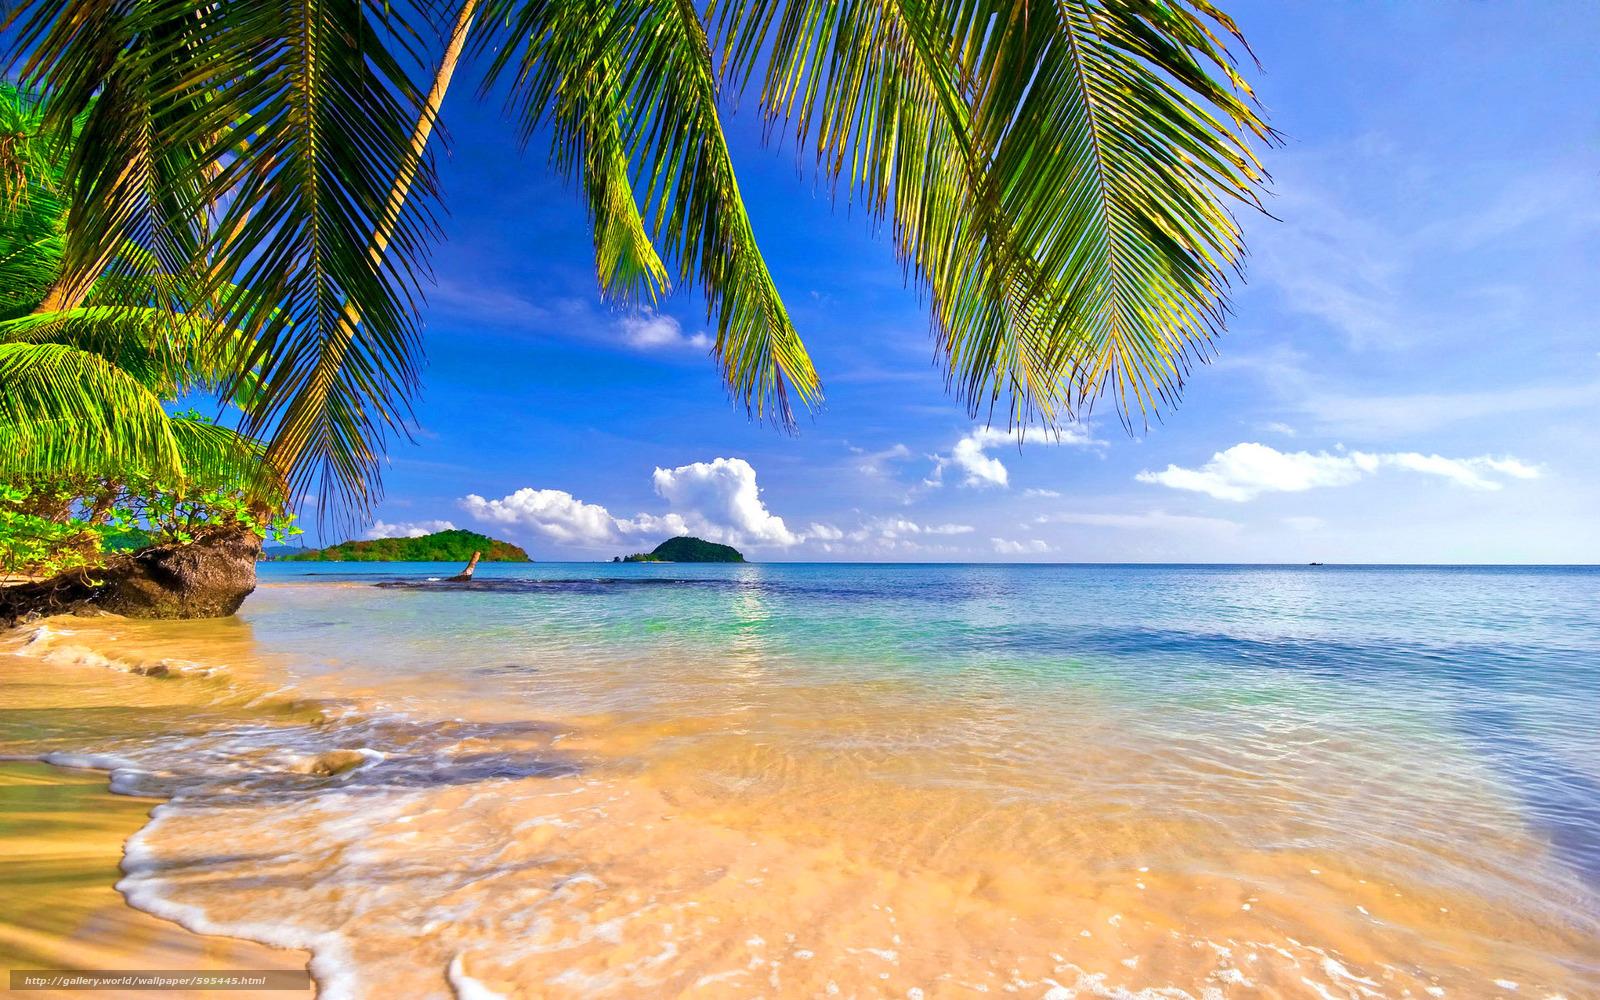 Scaricare gli sfondi mare puntellare palme paesaggio for Sfondi desktop hd paesaggi